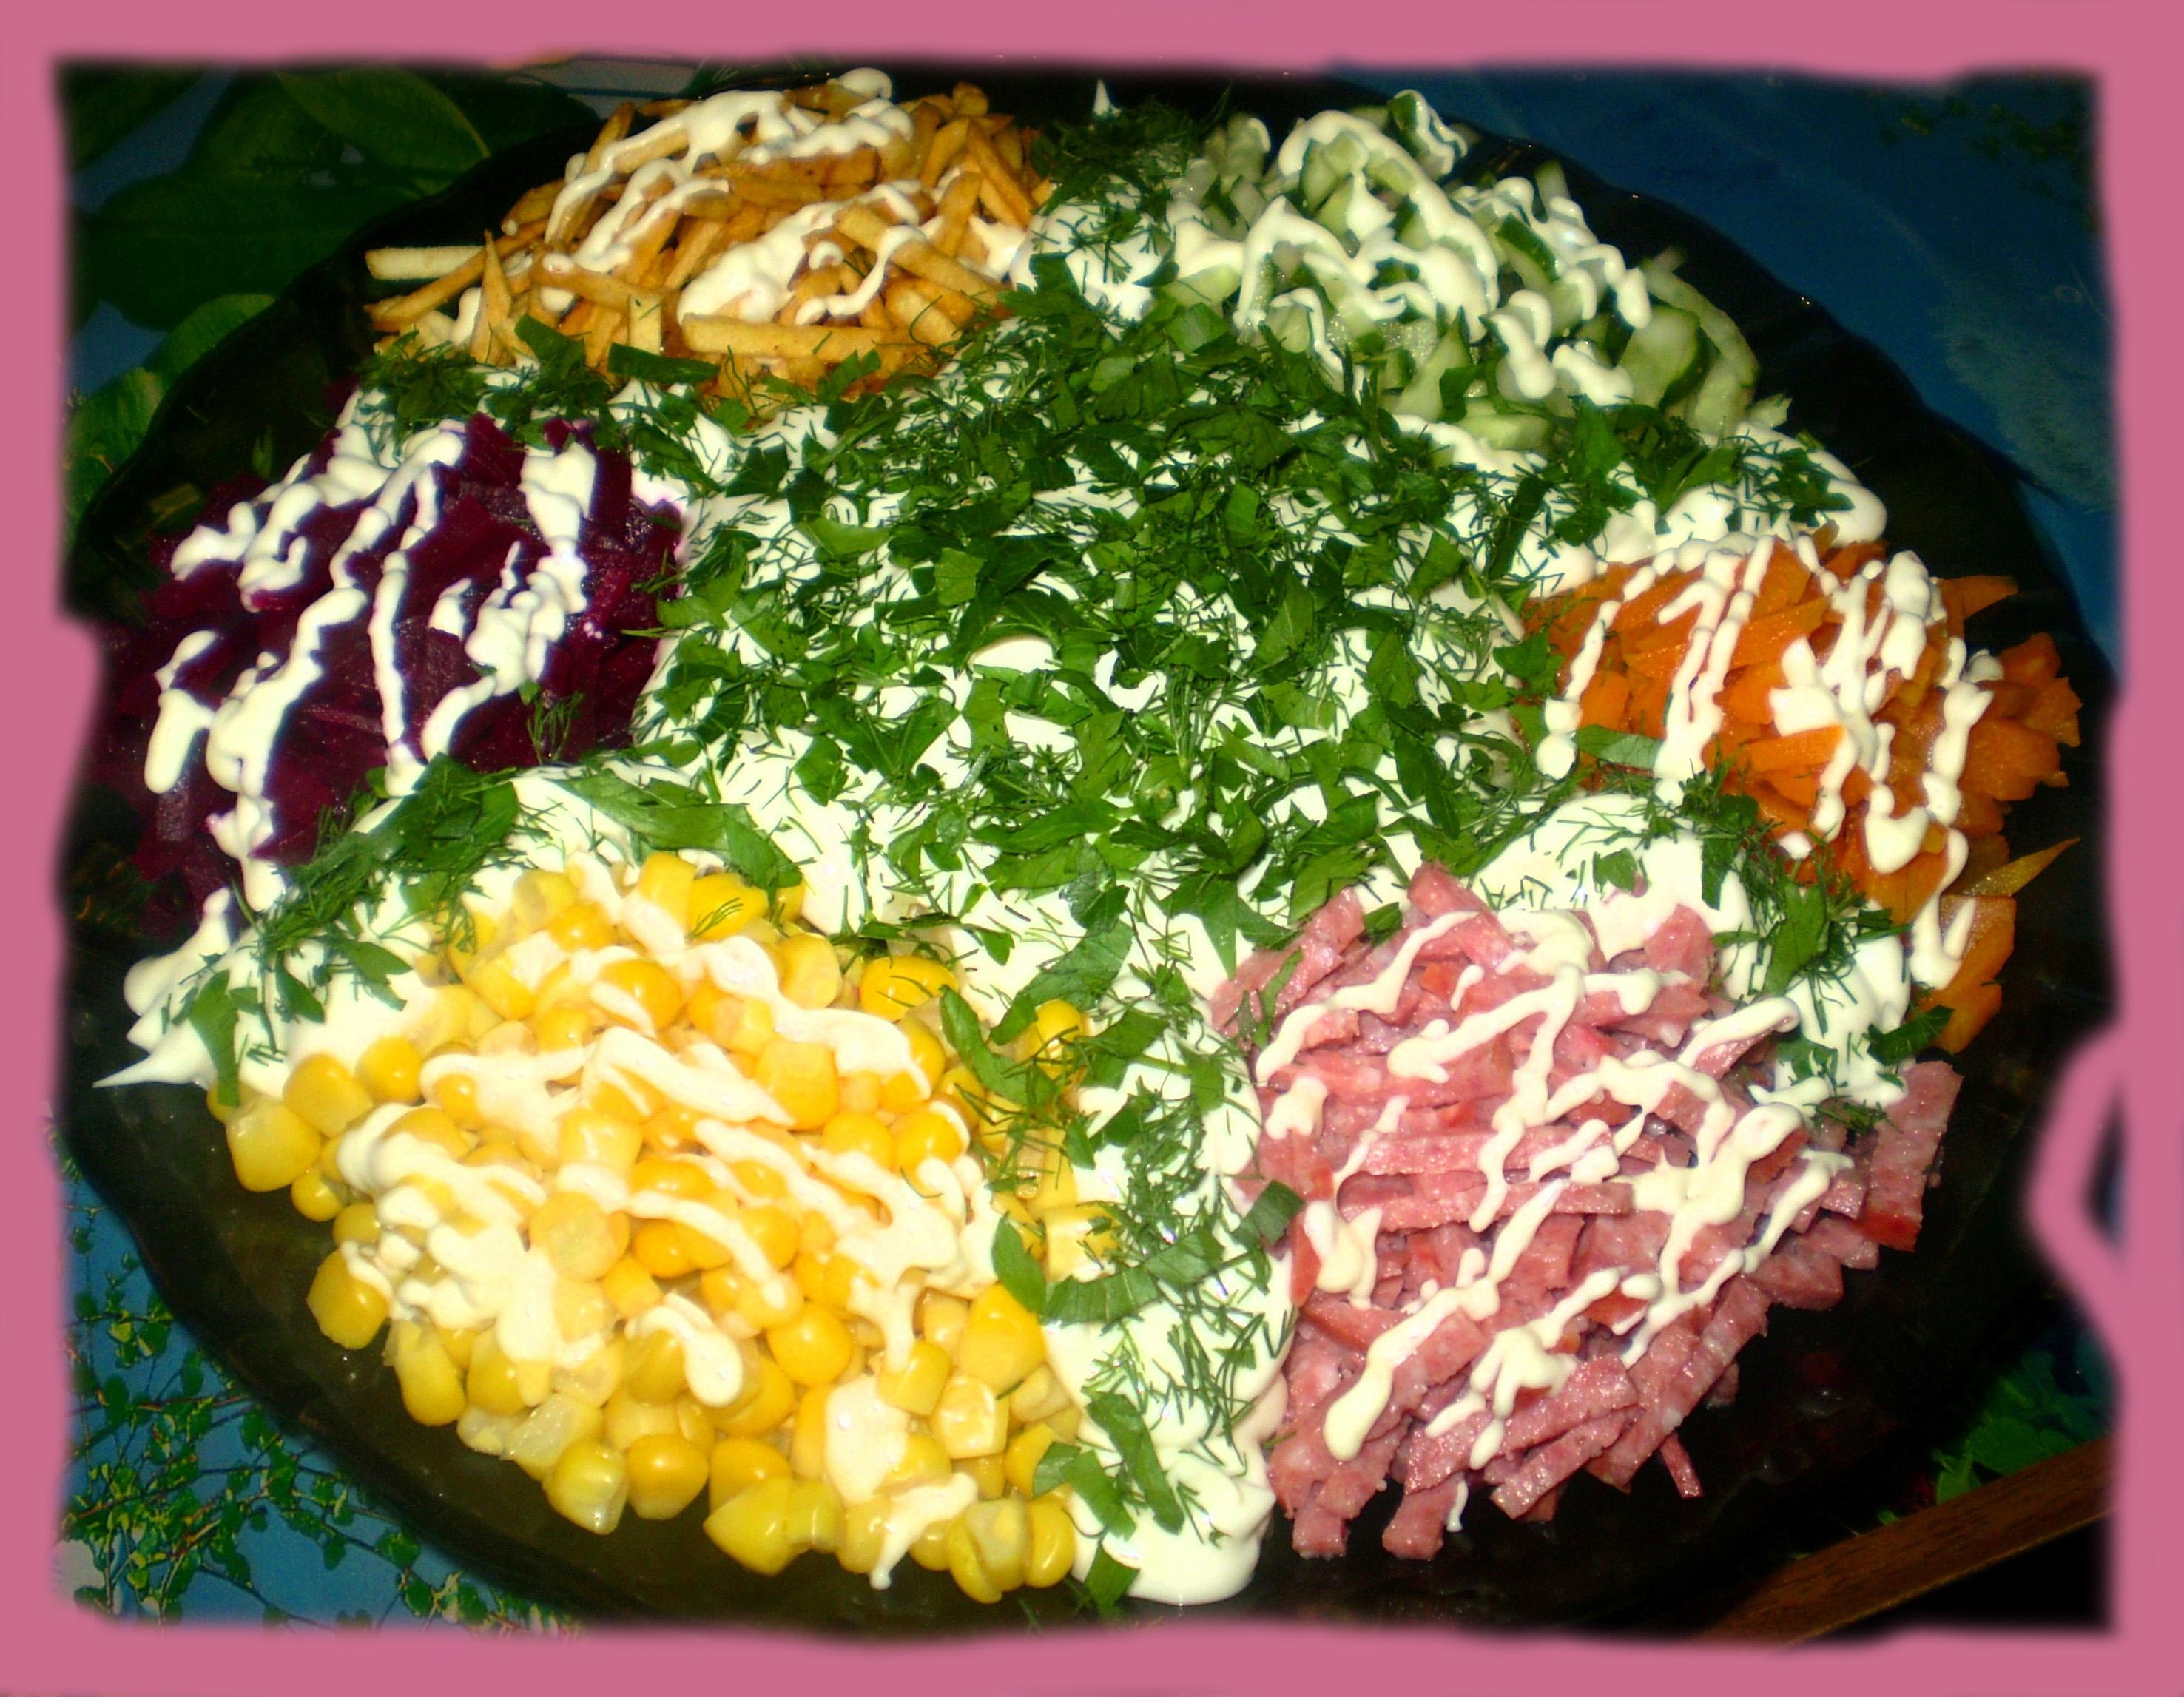 диетические блюда в мультиварке для похудения рецепты